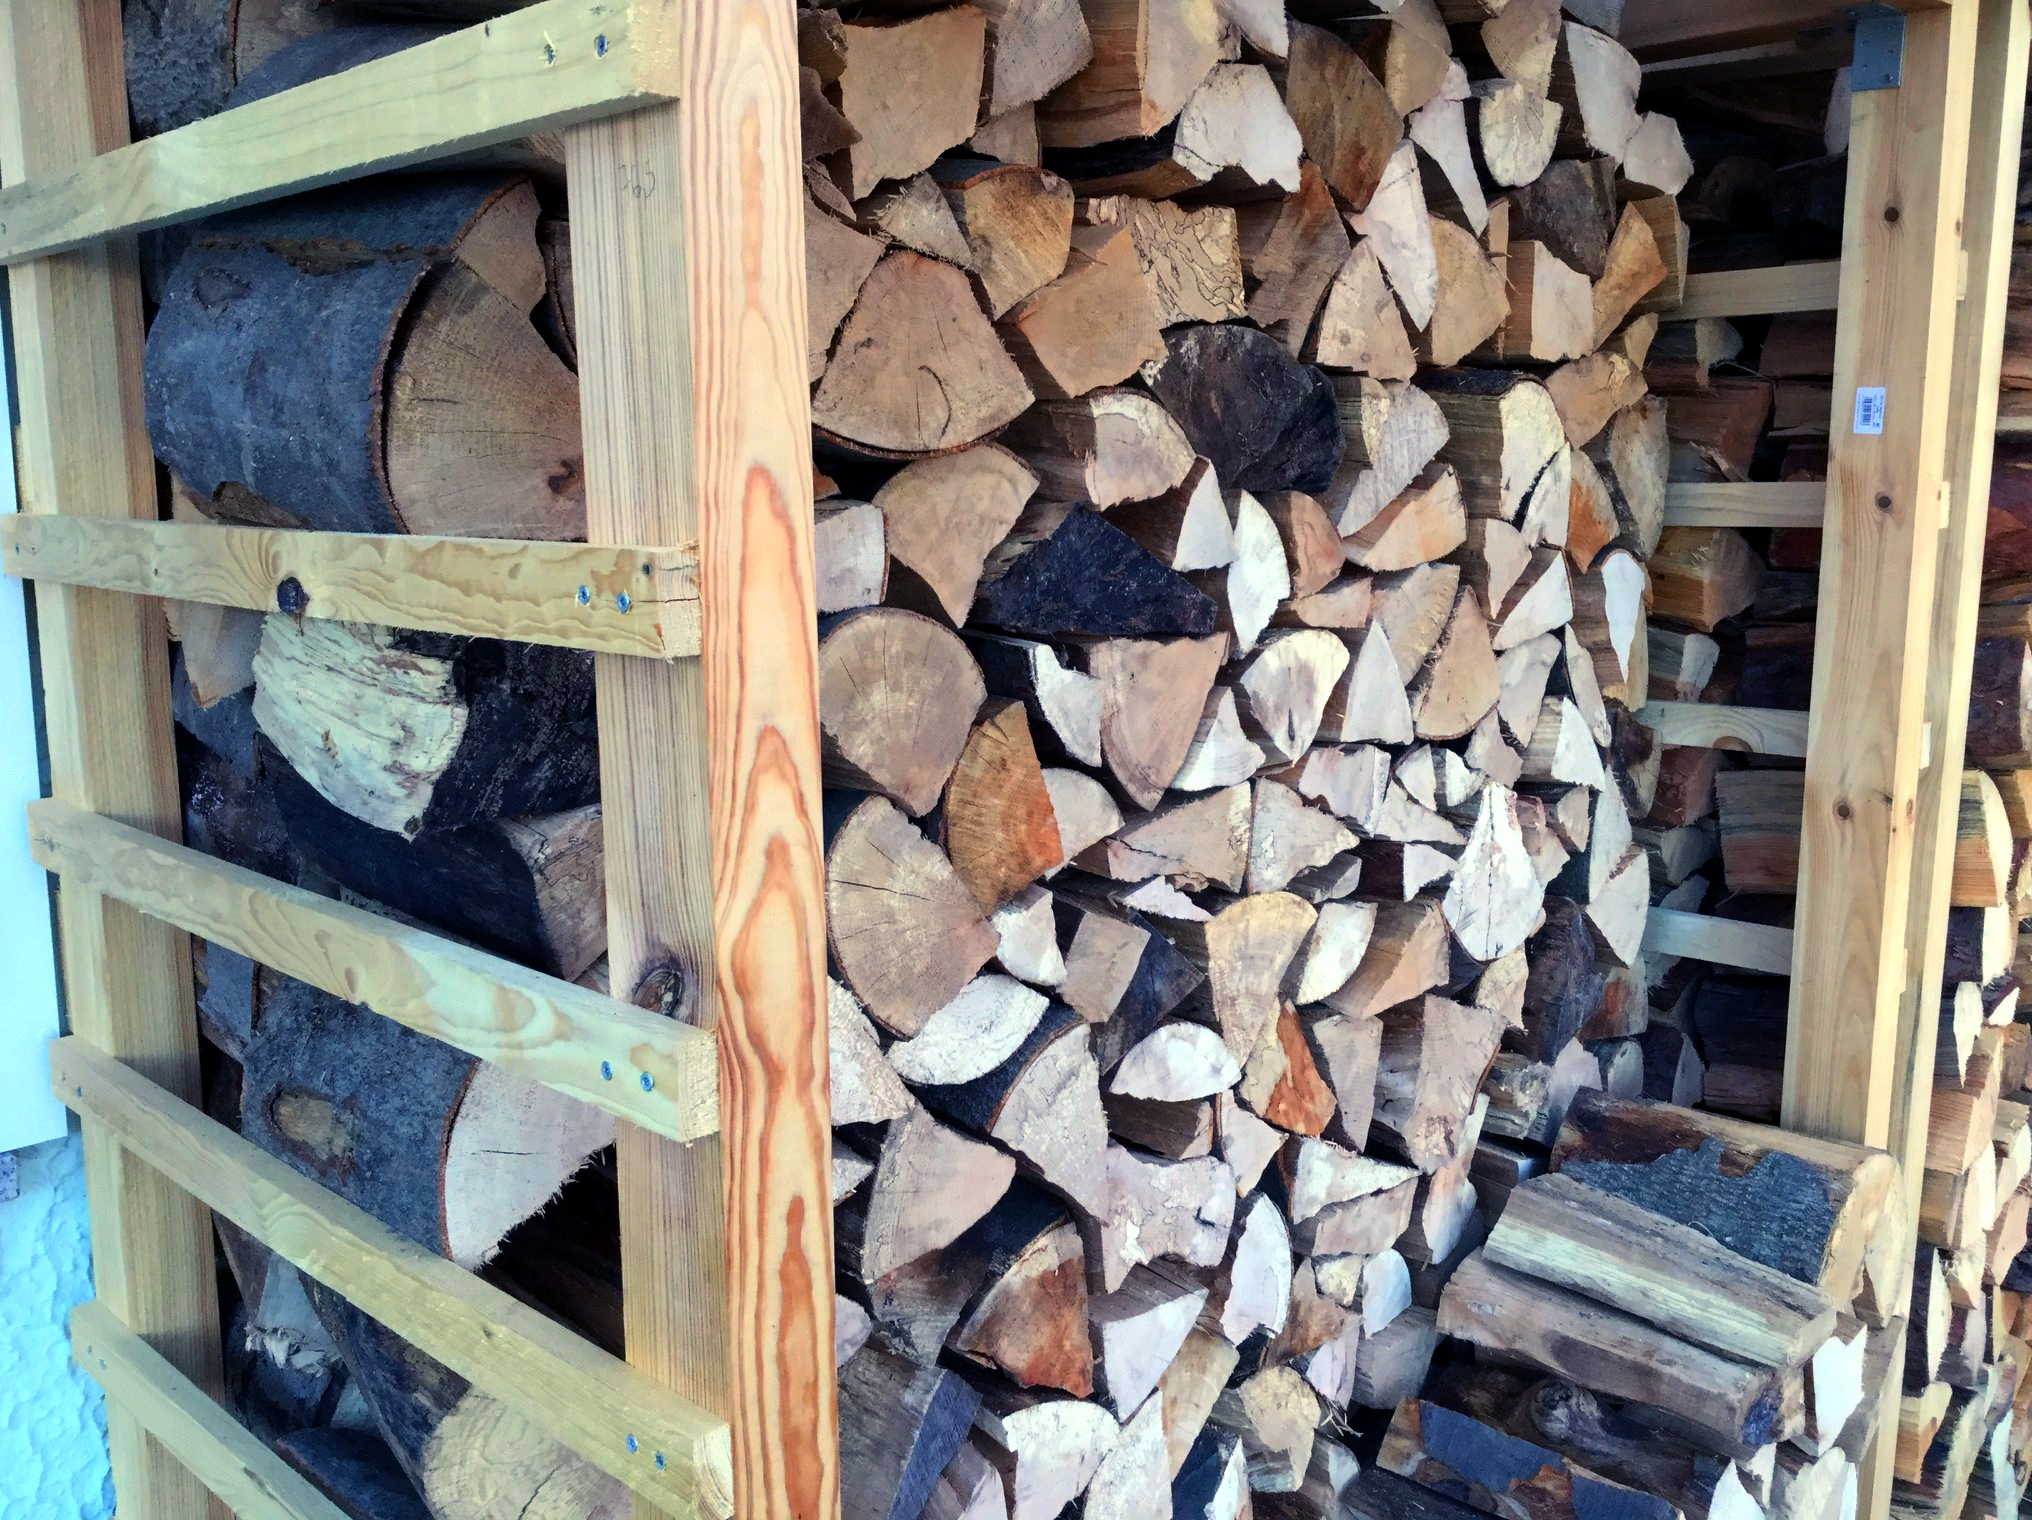 Paletten Upcycling Anleitung, um Holzunterstand selbst zu bauen